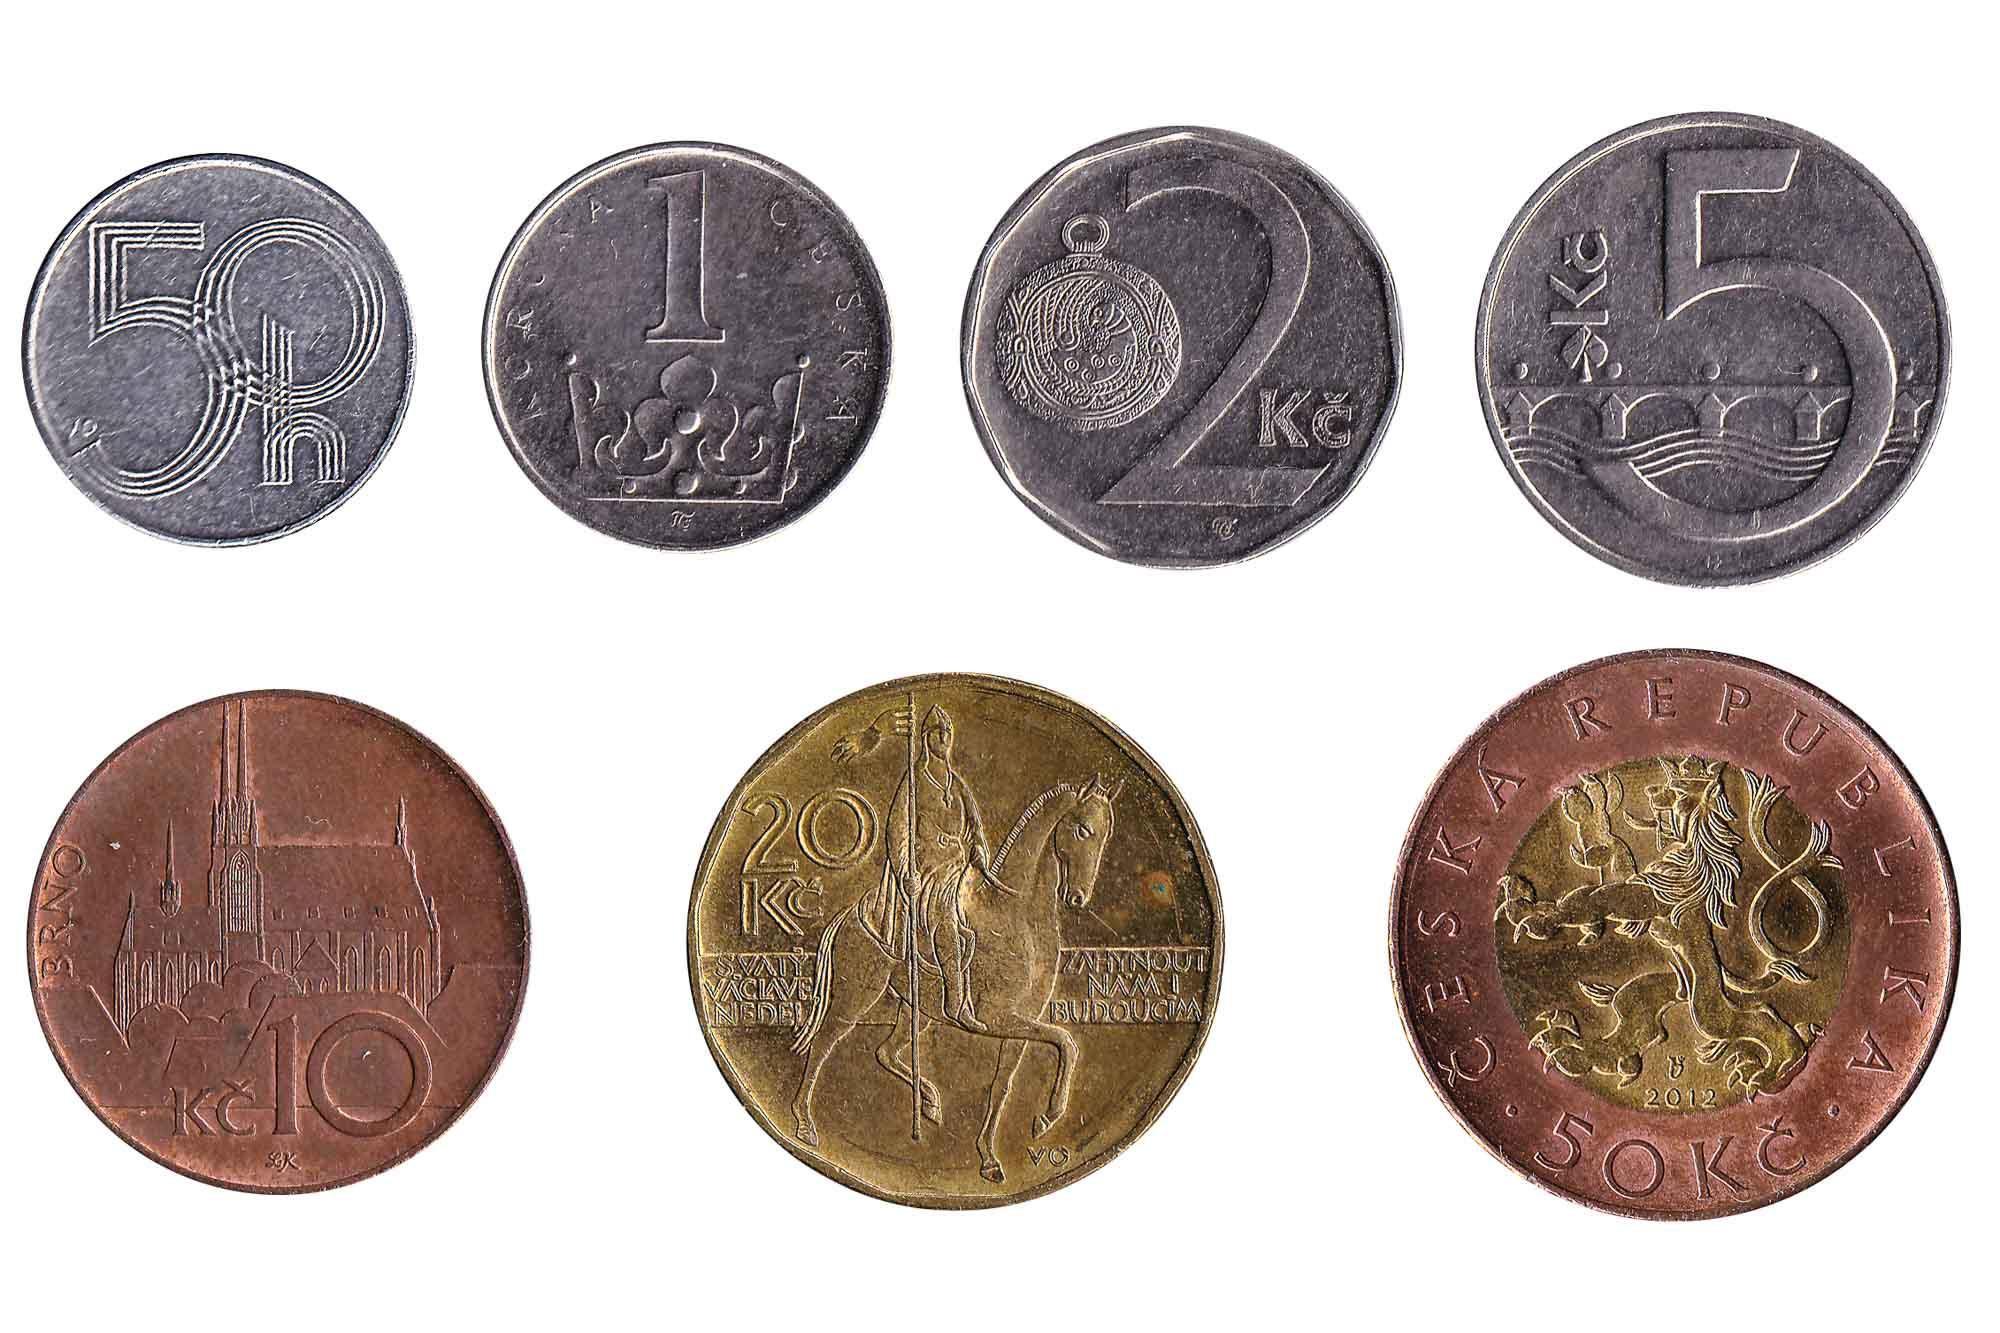 Czech koruna coins